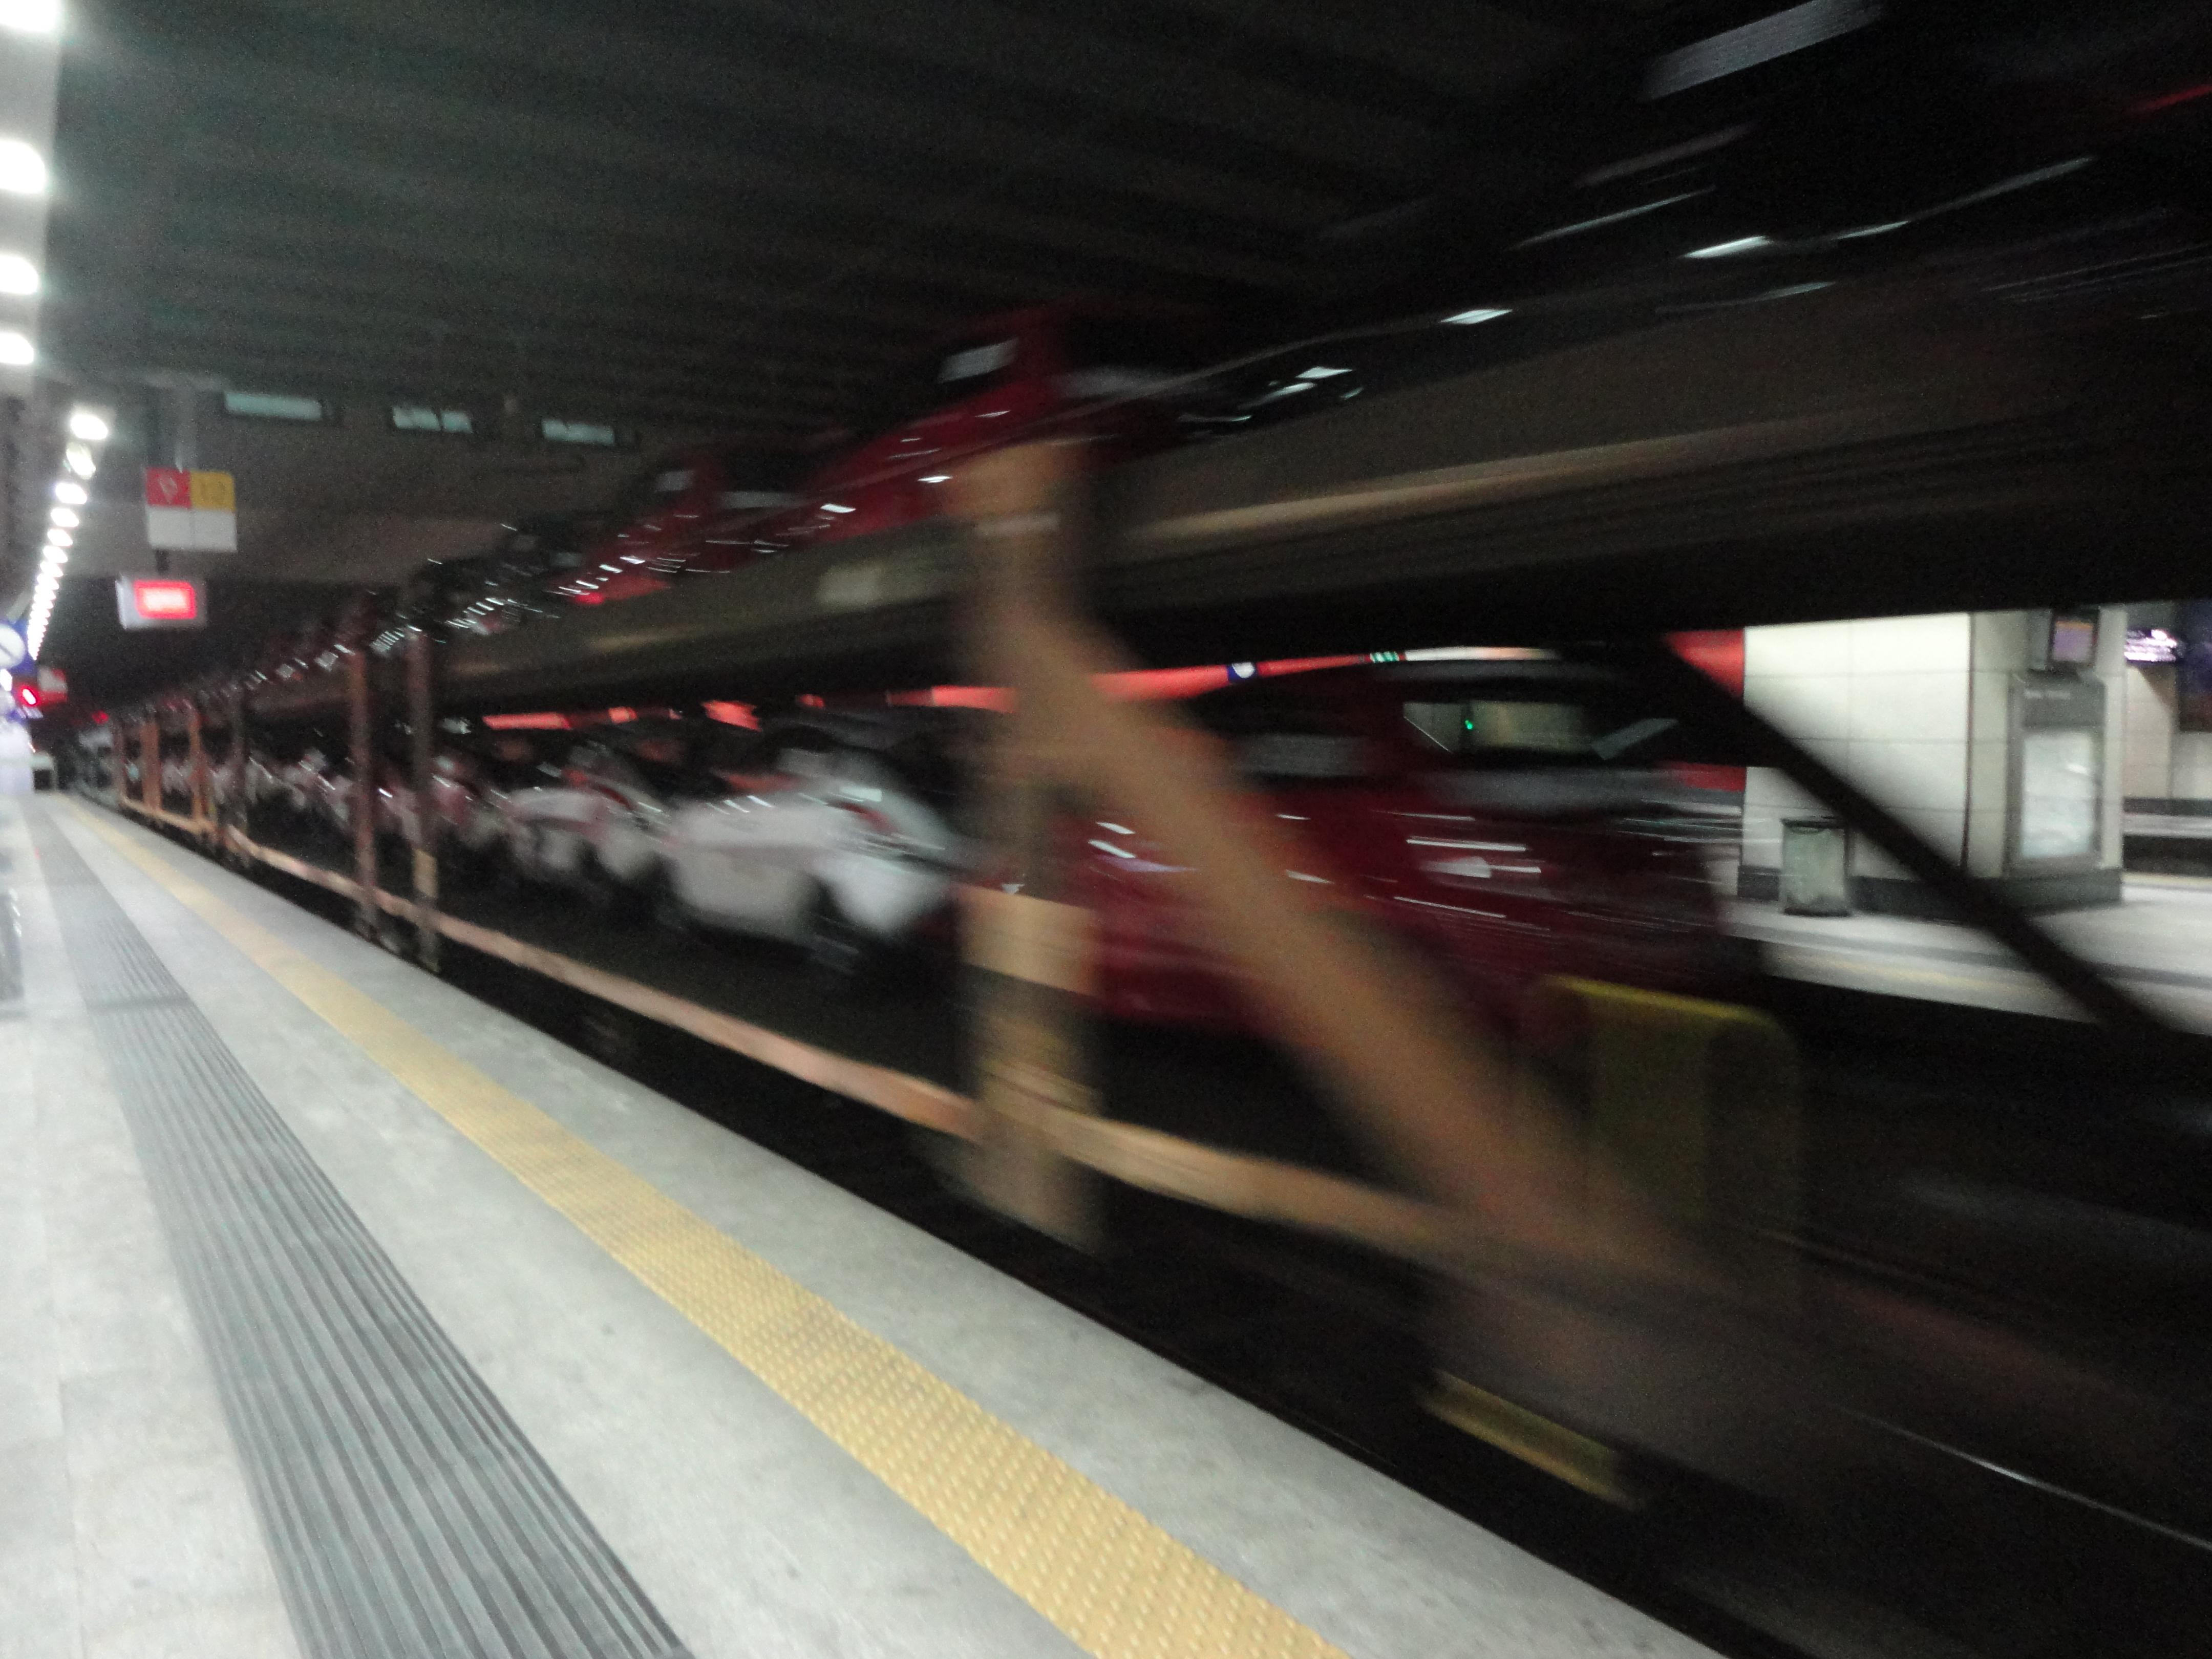 Piemonte il blog di romano borrelli - Treni porta susa ...